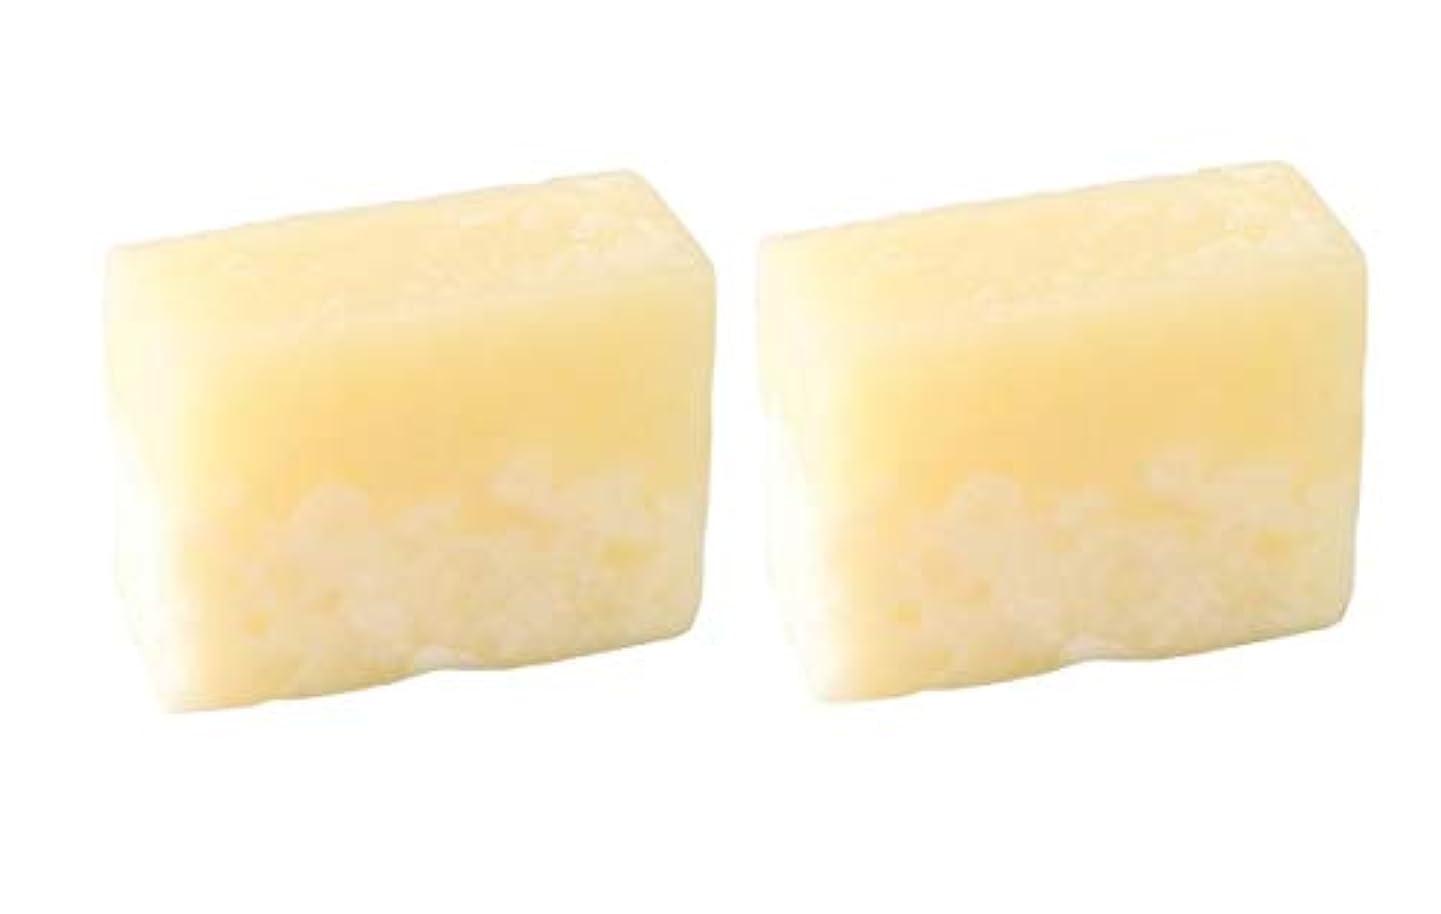 裁判官かんたん文法LUSH ラッシュ ボヘミアン(100g)×2個セット レモンの爽やかな香りソープ